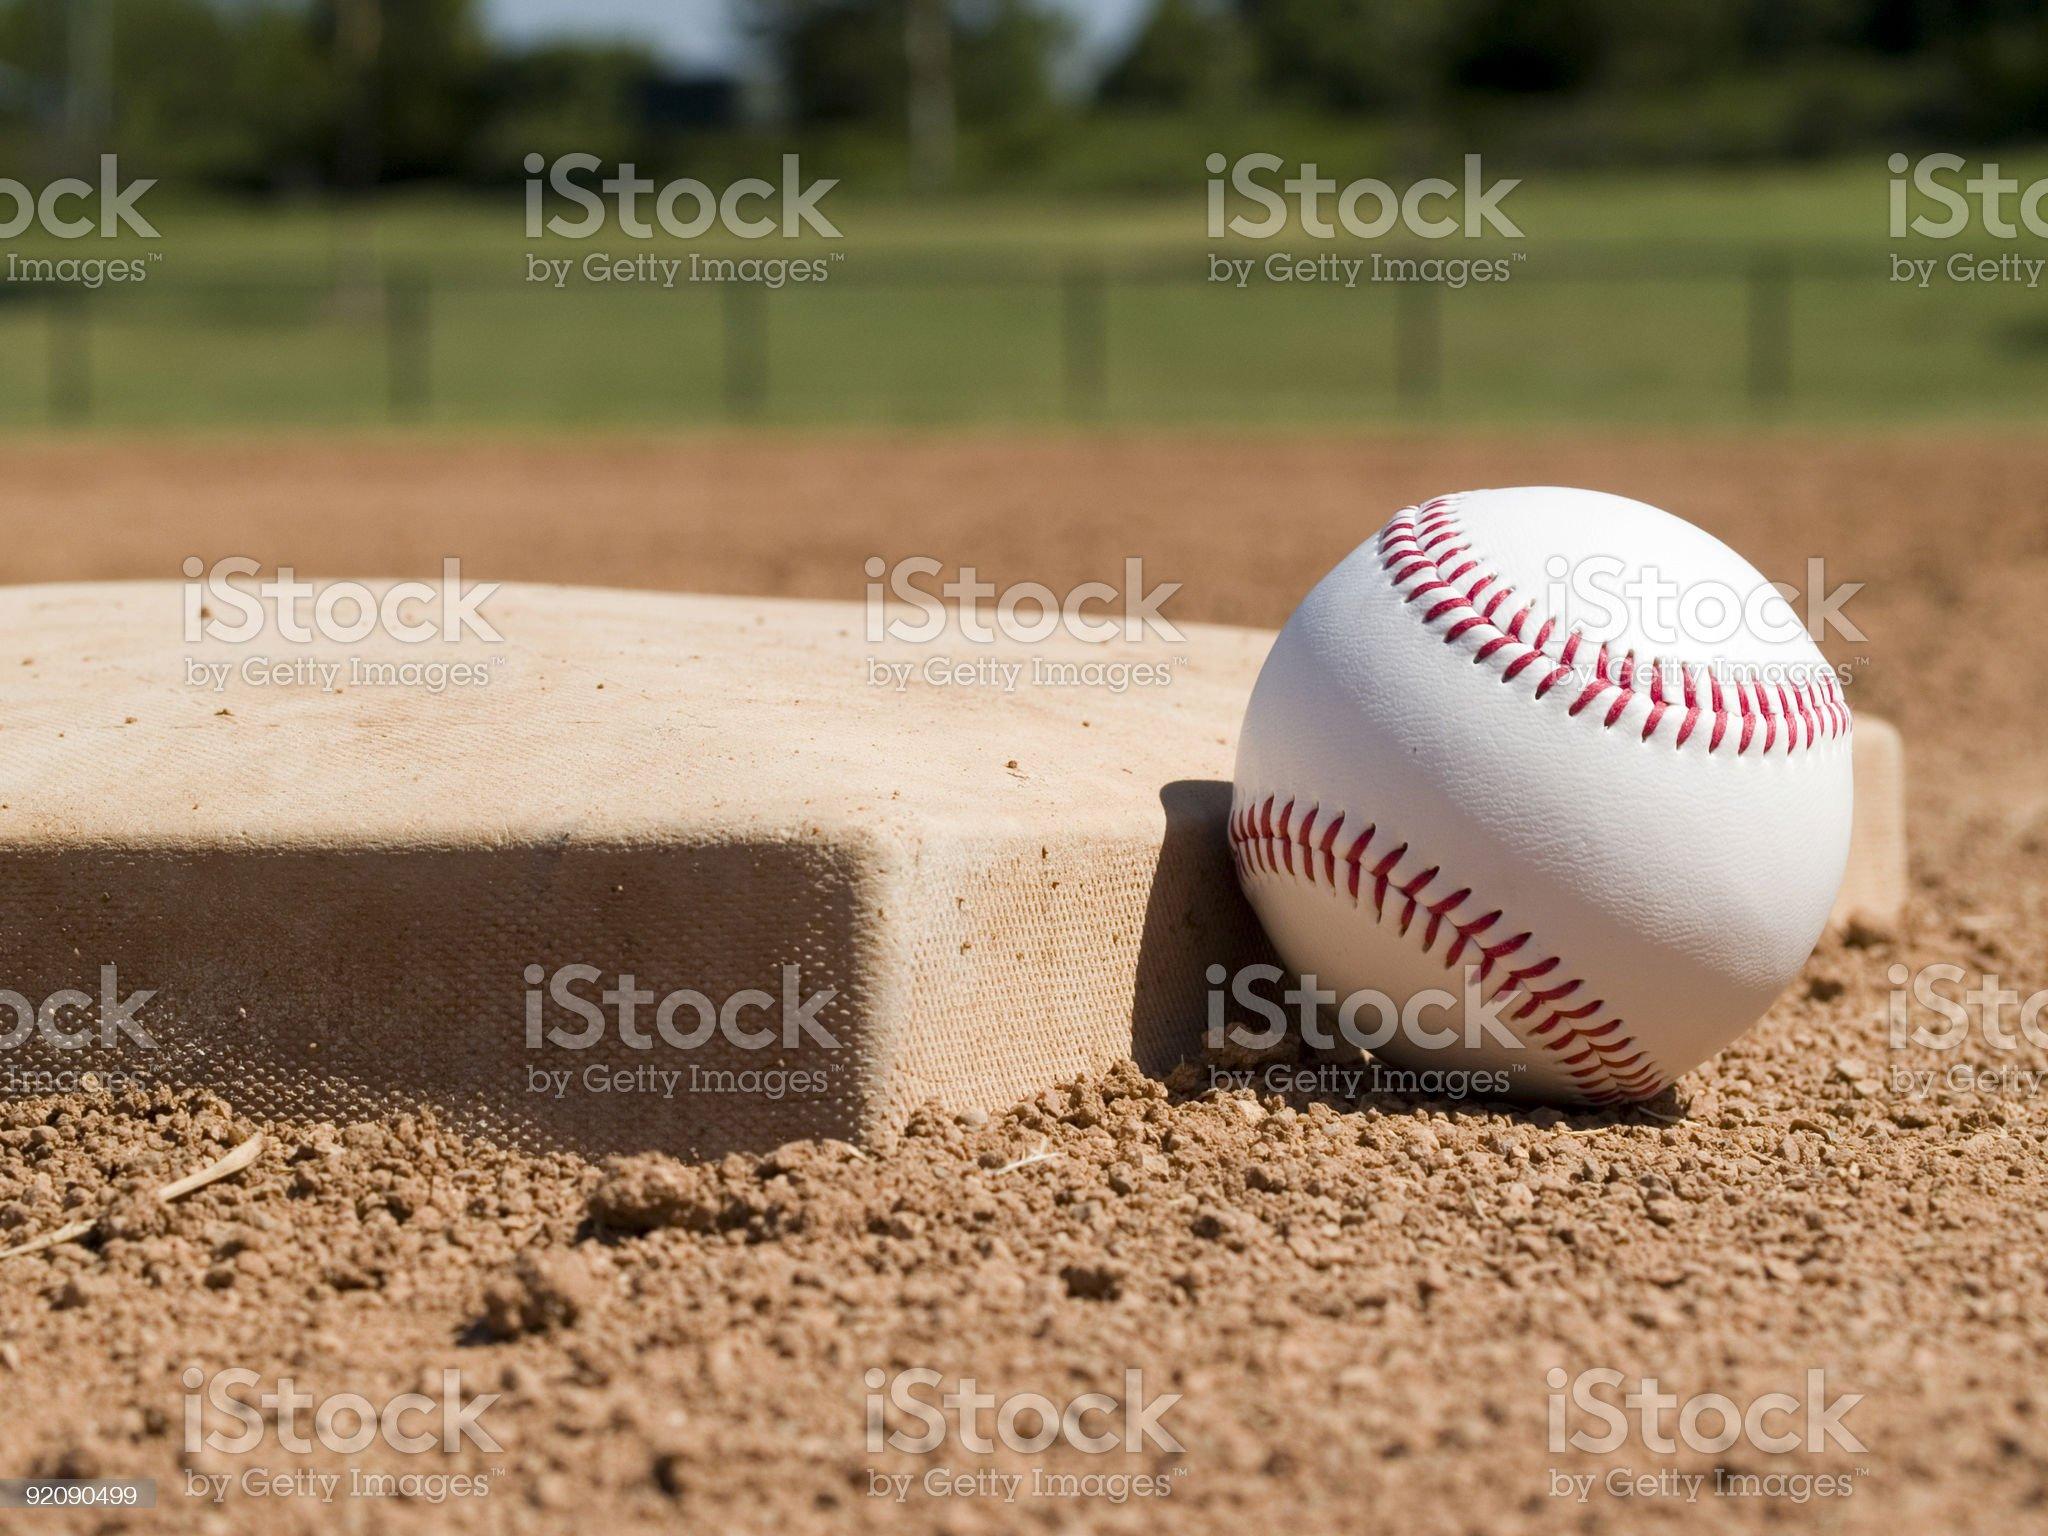 Baseball - Base and Ball royalty-free stock photo